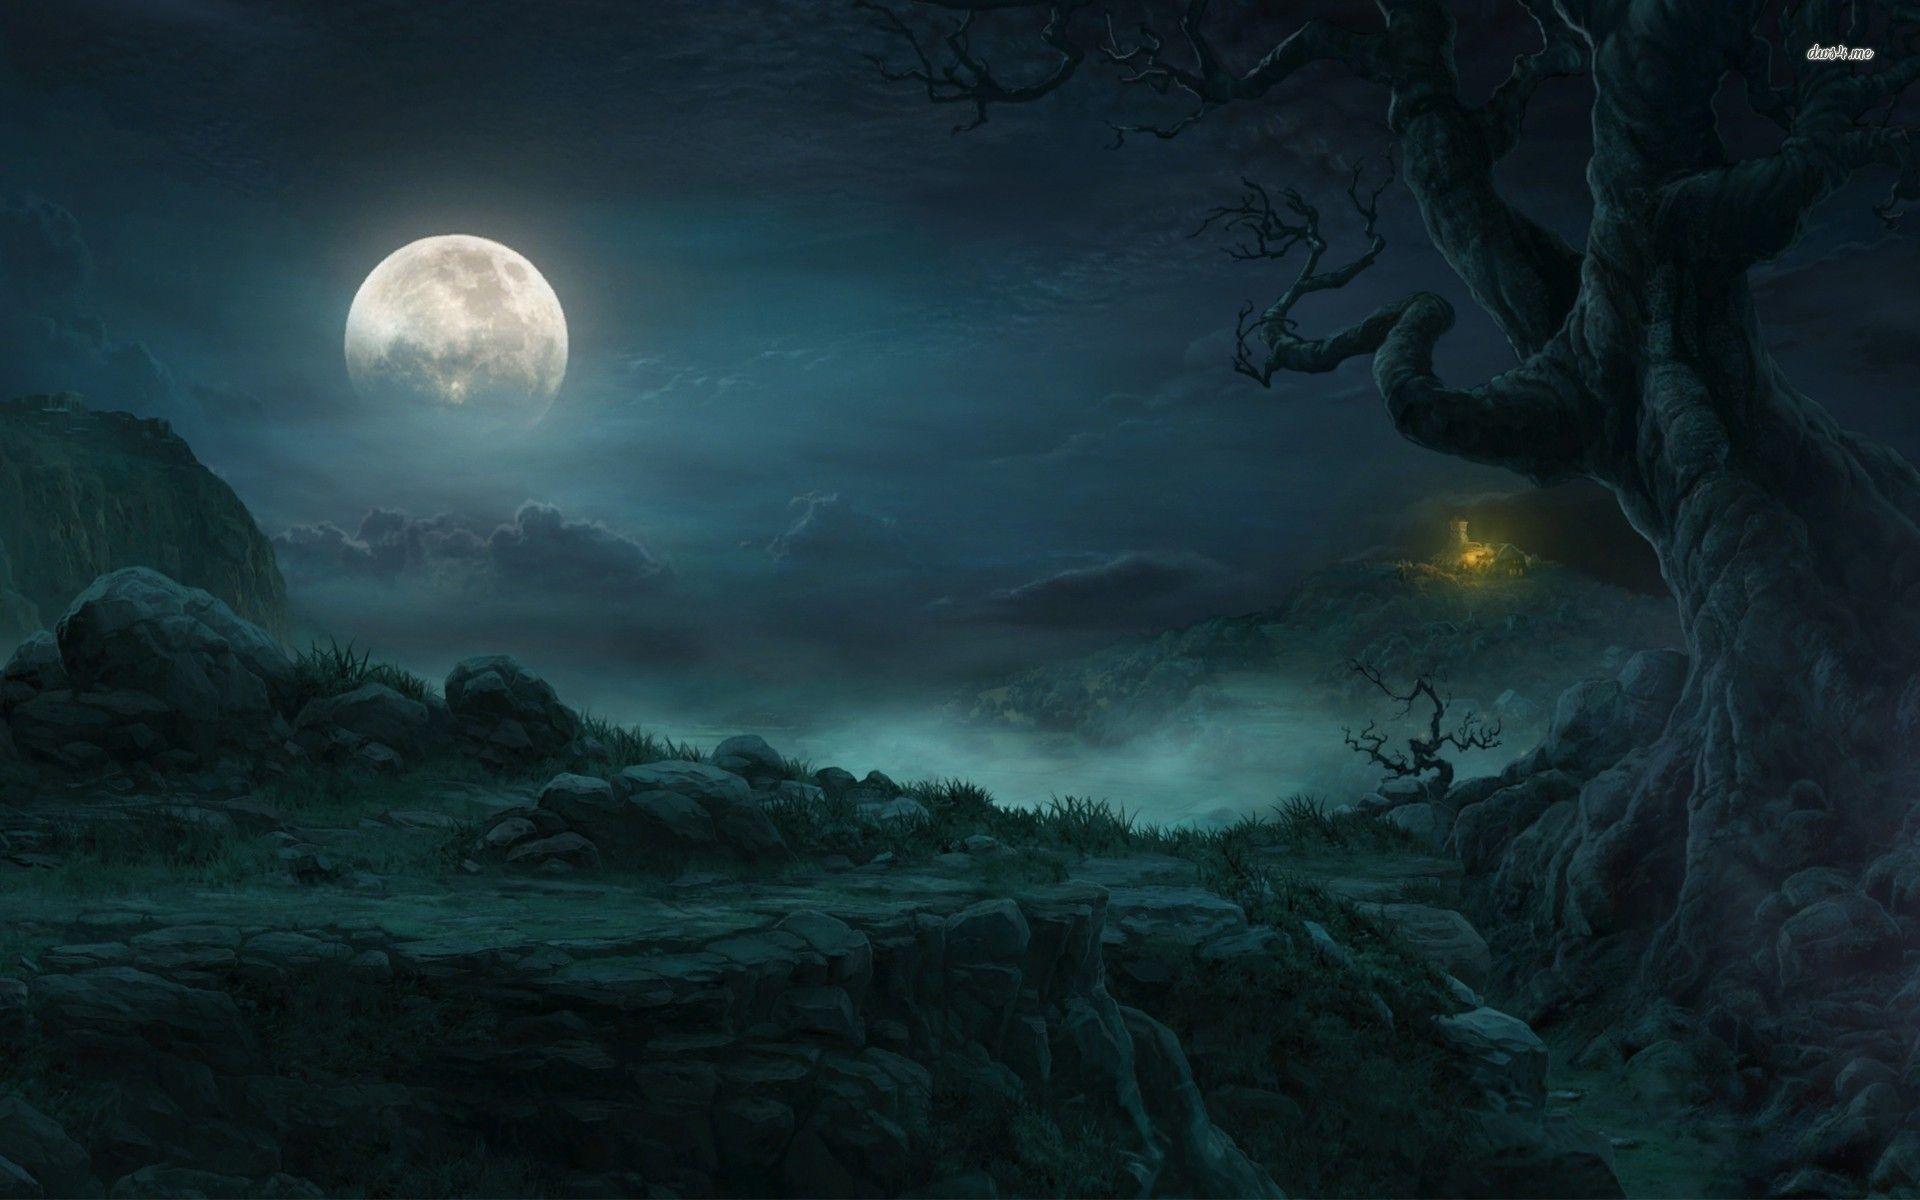 Dark Forest Moon Wallpaper Hd On Wallpaper 1080p Hd Fantasy